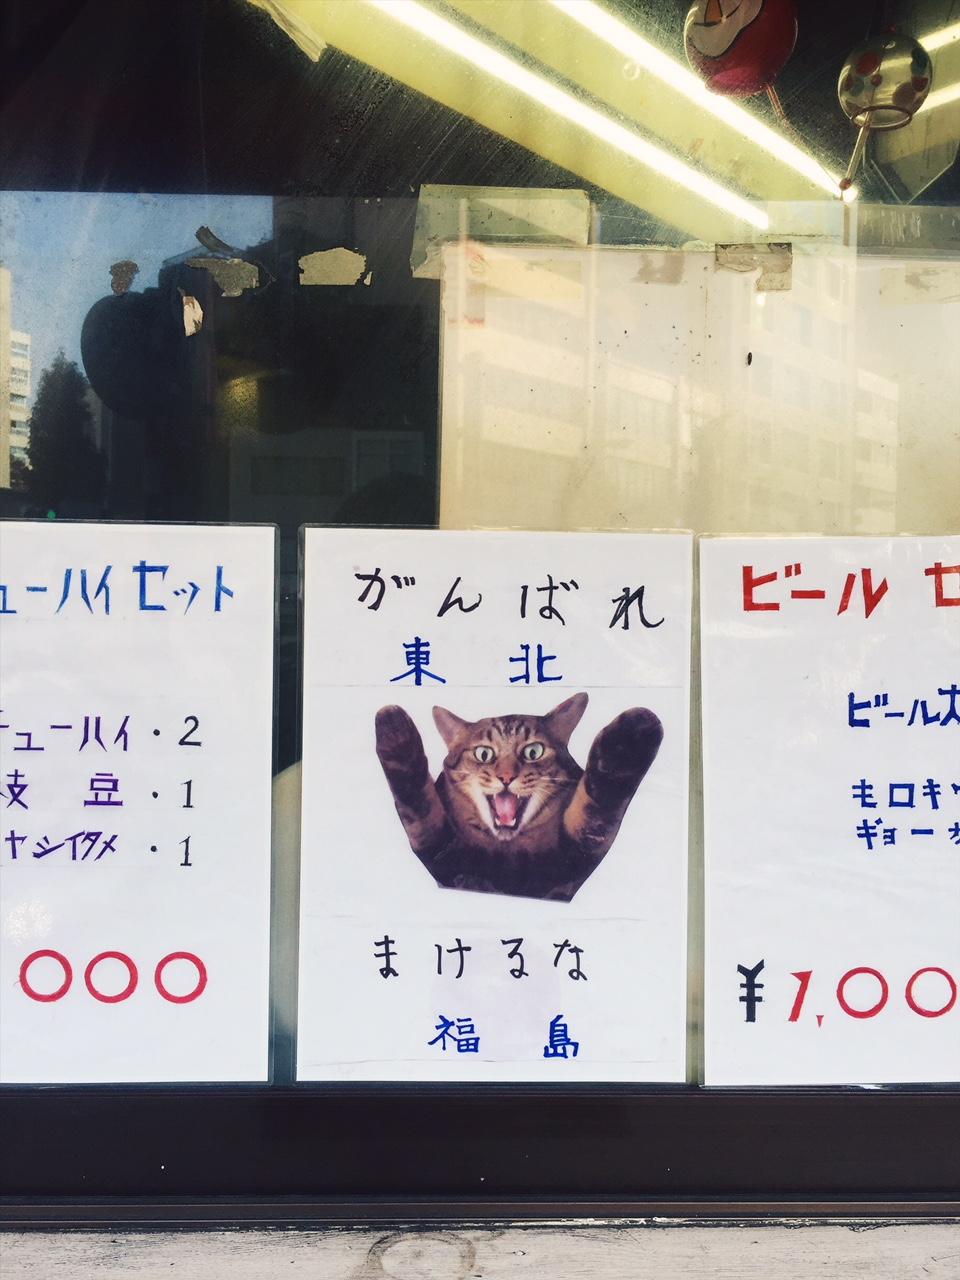 Mitä muu maailma voisi oppia Japanilta?